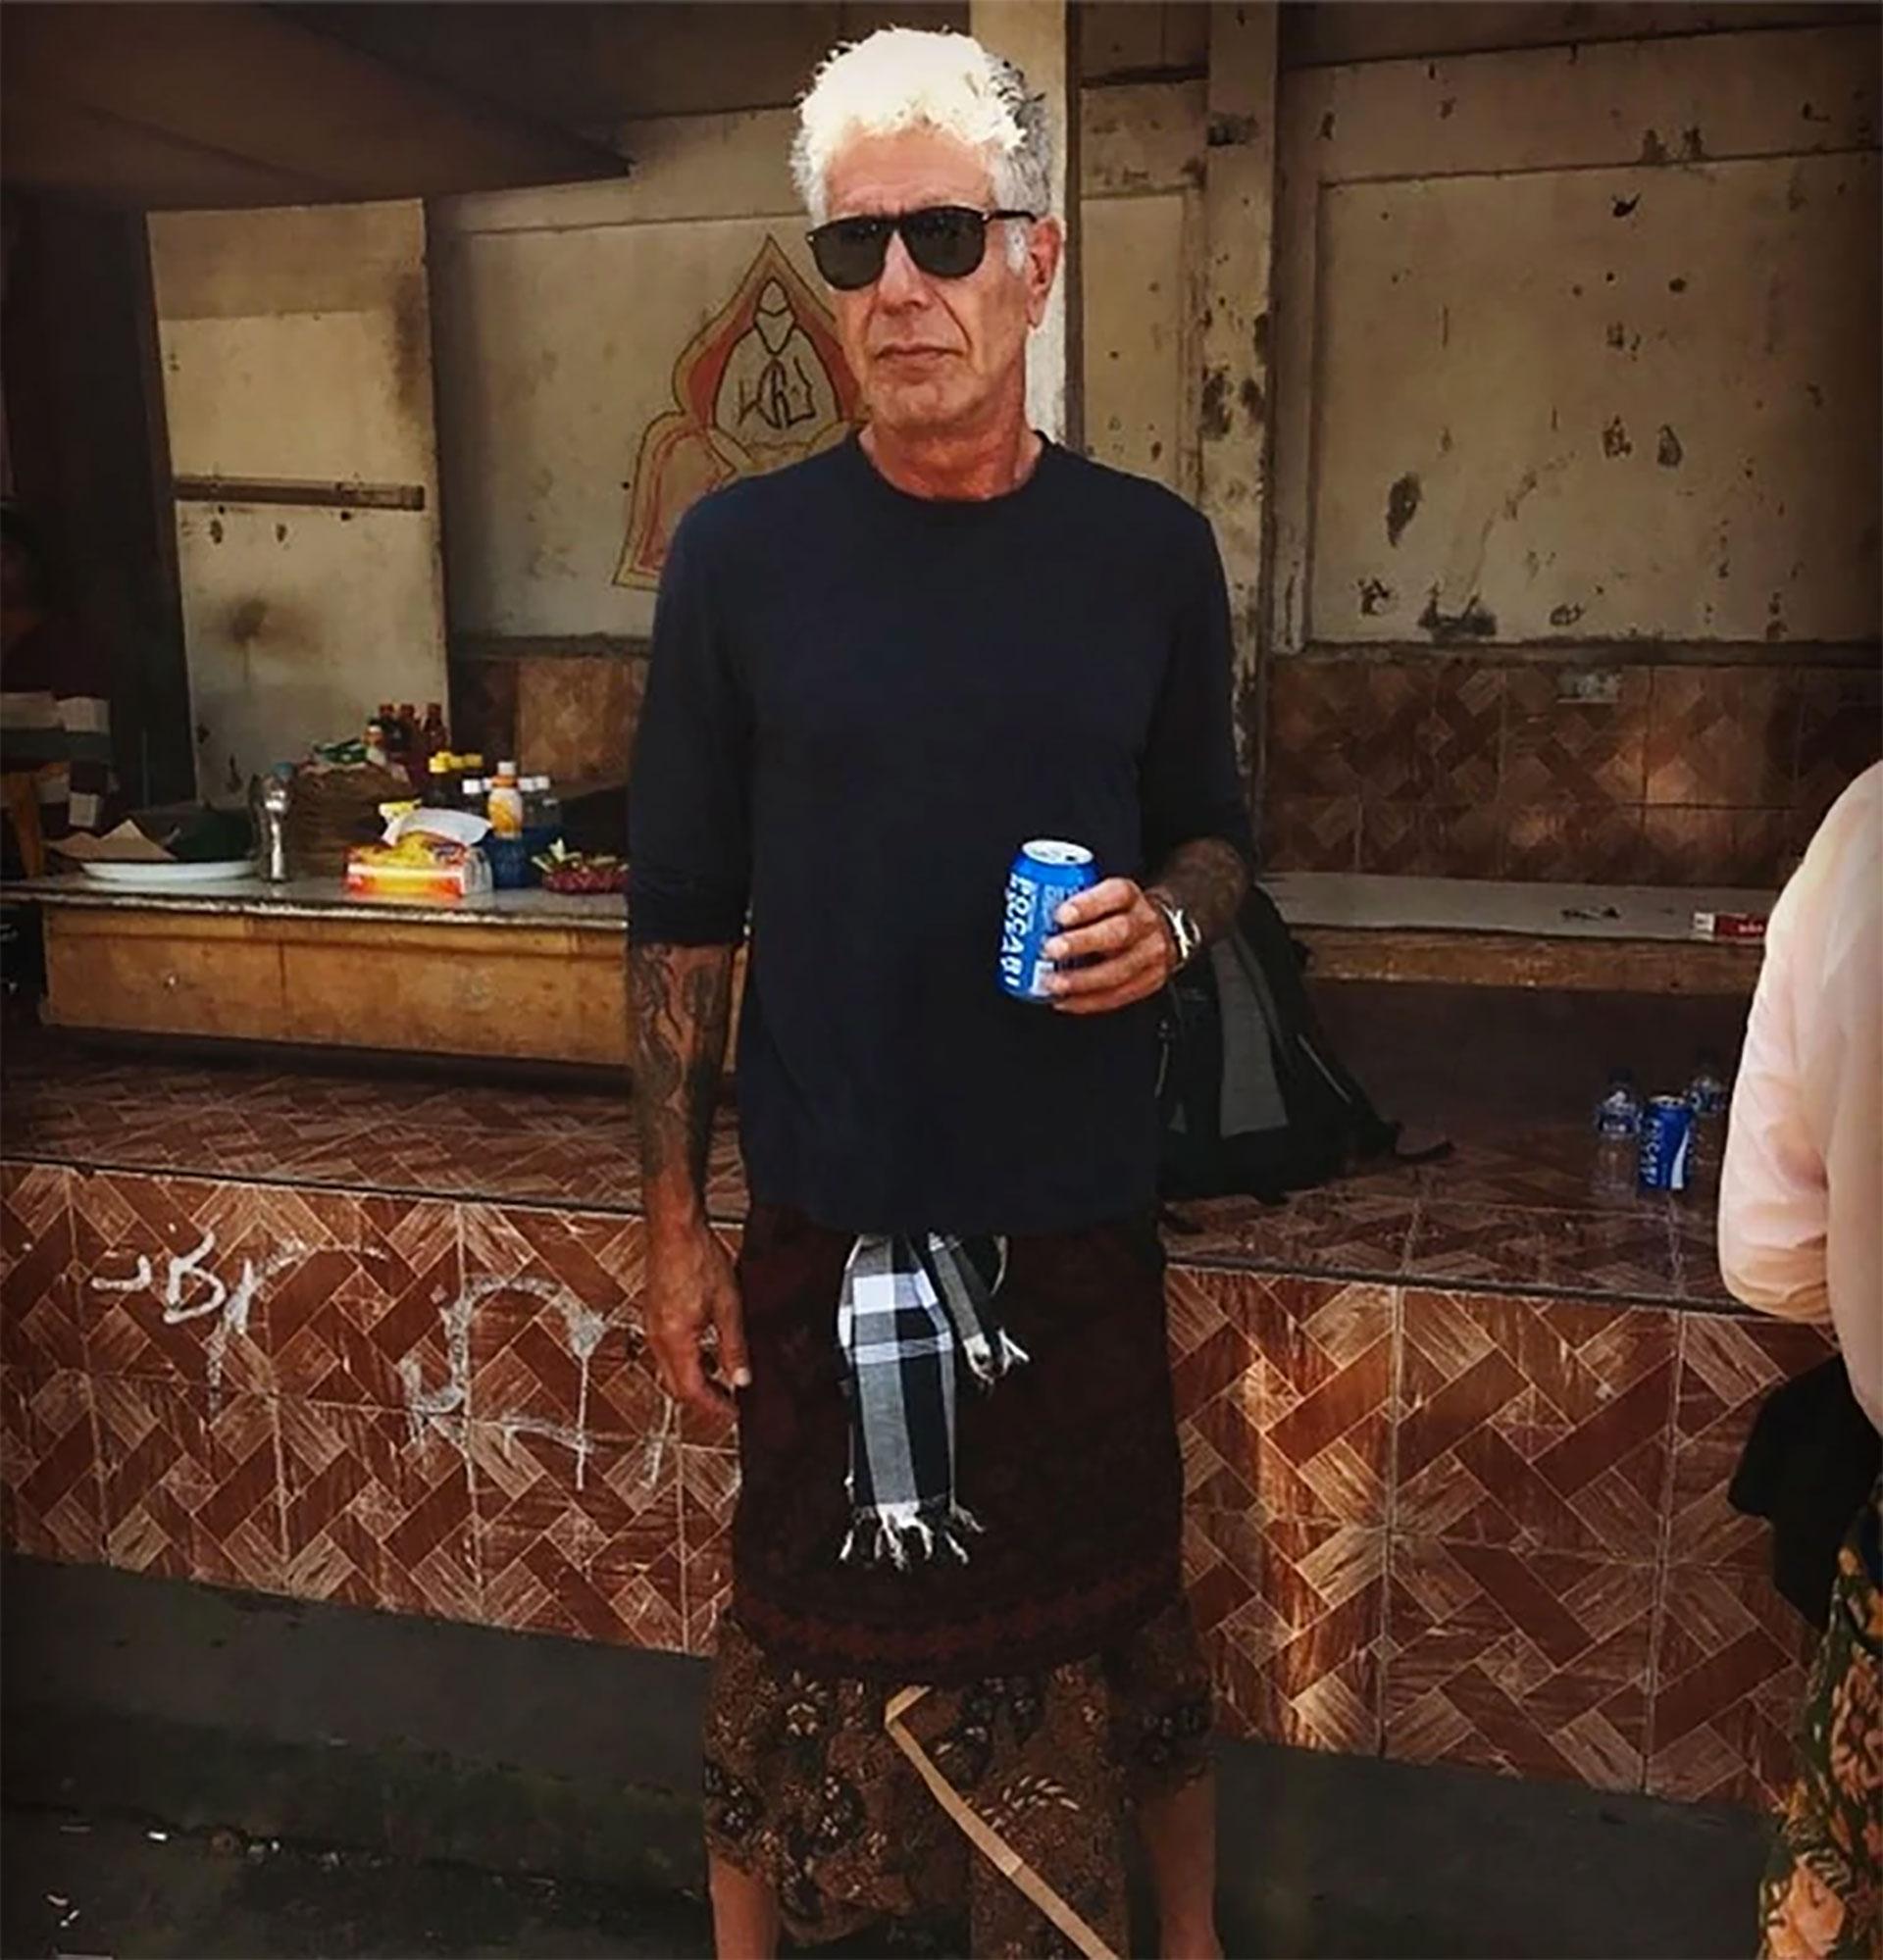 El cocinero y estrella en la televisión estadounidense se suicidó a los 61 años. Era el conductor de Parts Unknown, un programa sobre comida y viajes con el que recorría el mundo.